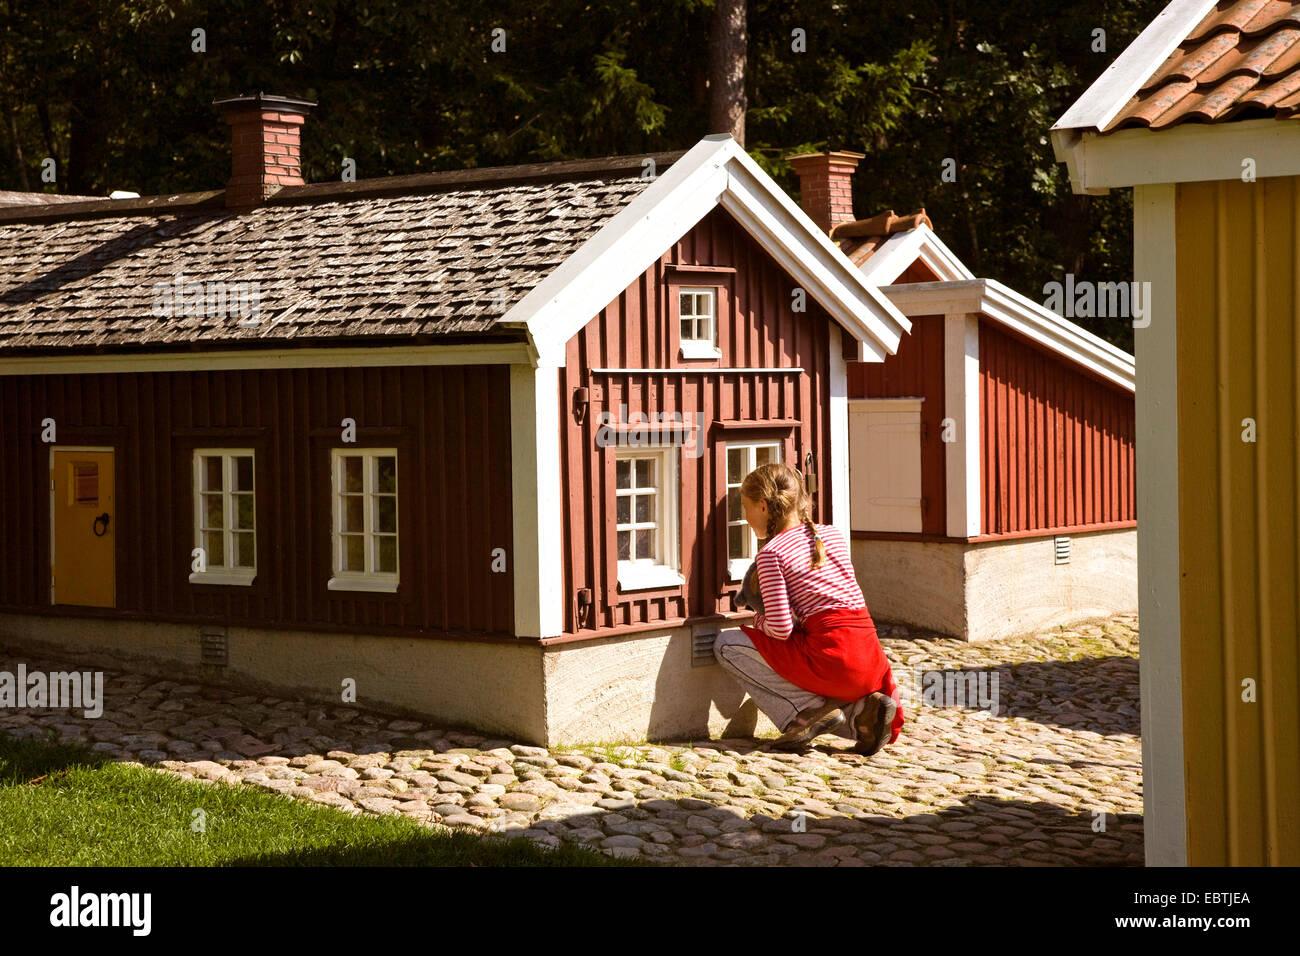 girl in theme park Astrid Lindgren Vaerld, Astrid Lindgren World, Sweden, Smaland, Vimmerby - Stock Image